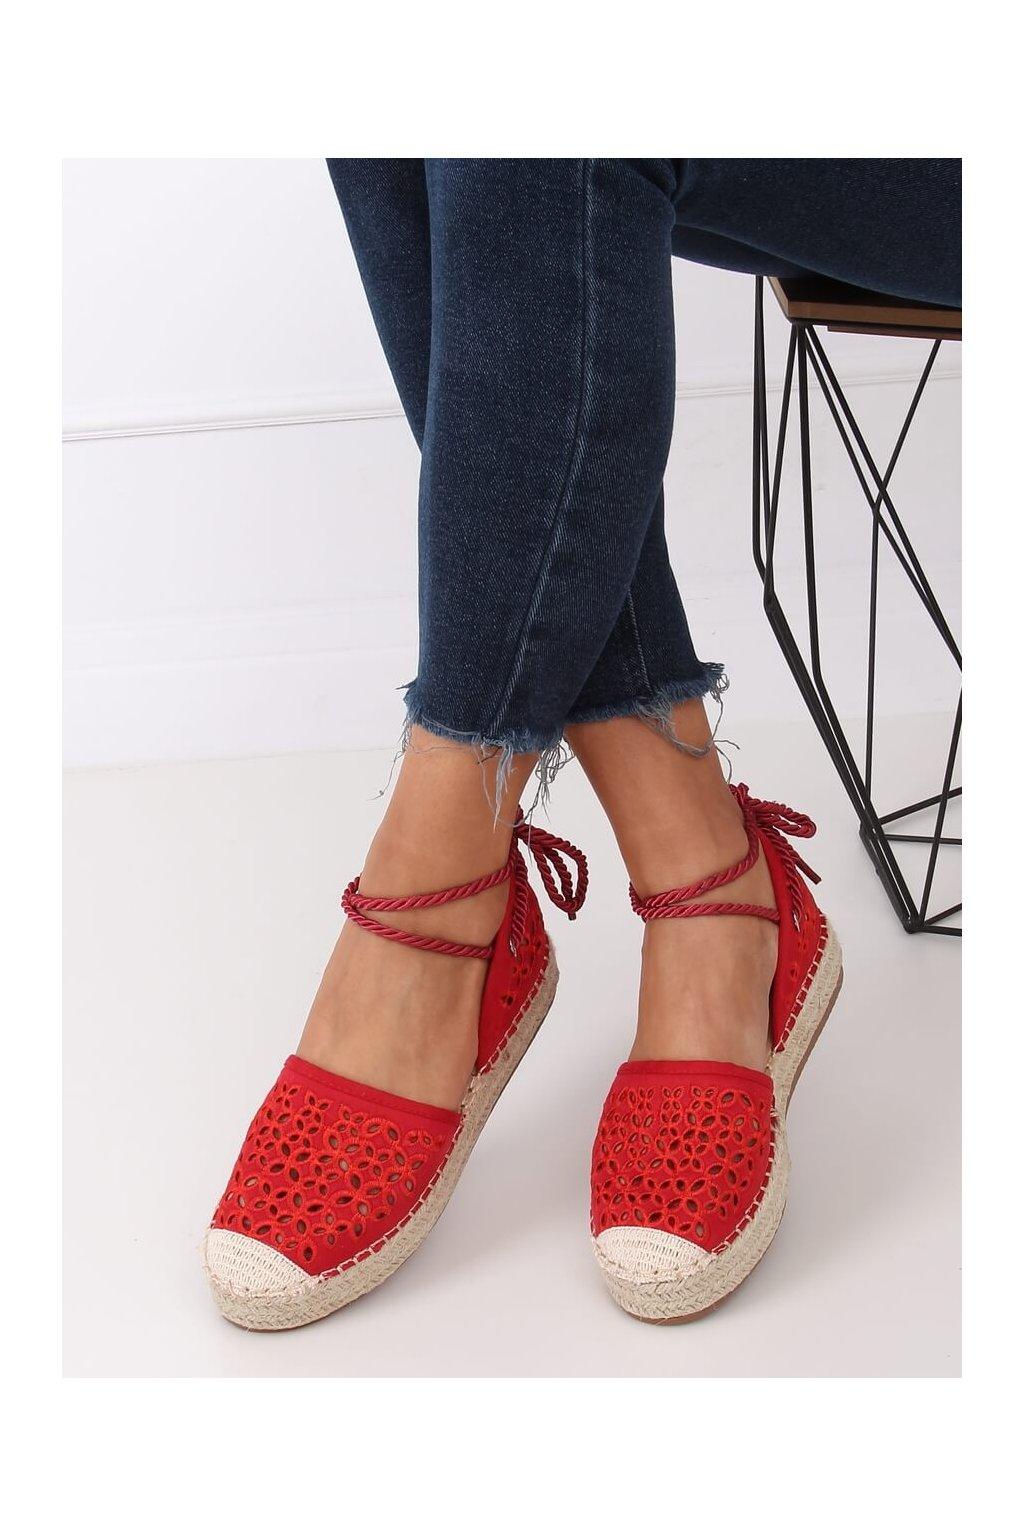 Dámske sandále s plochou podrážkou červené na plochom podpätku G1573